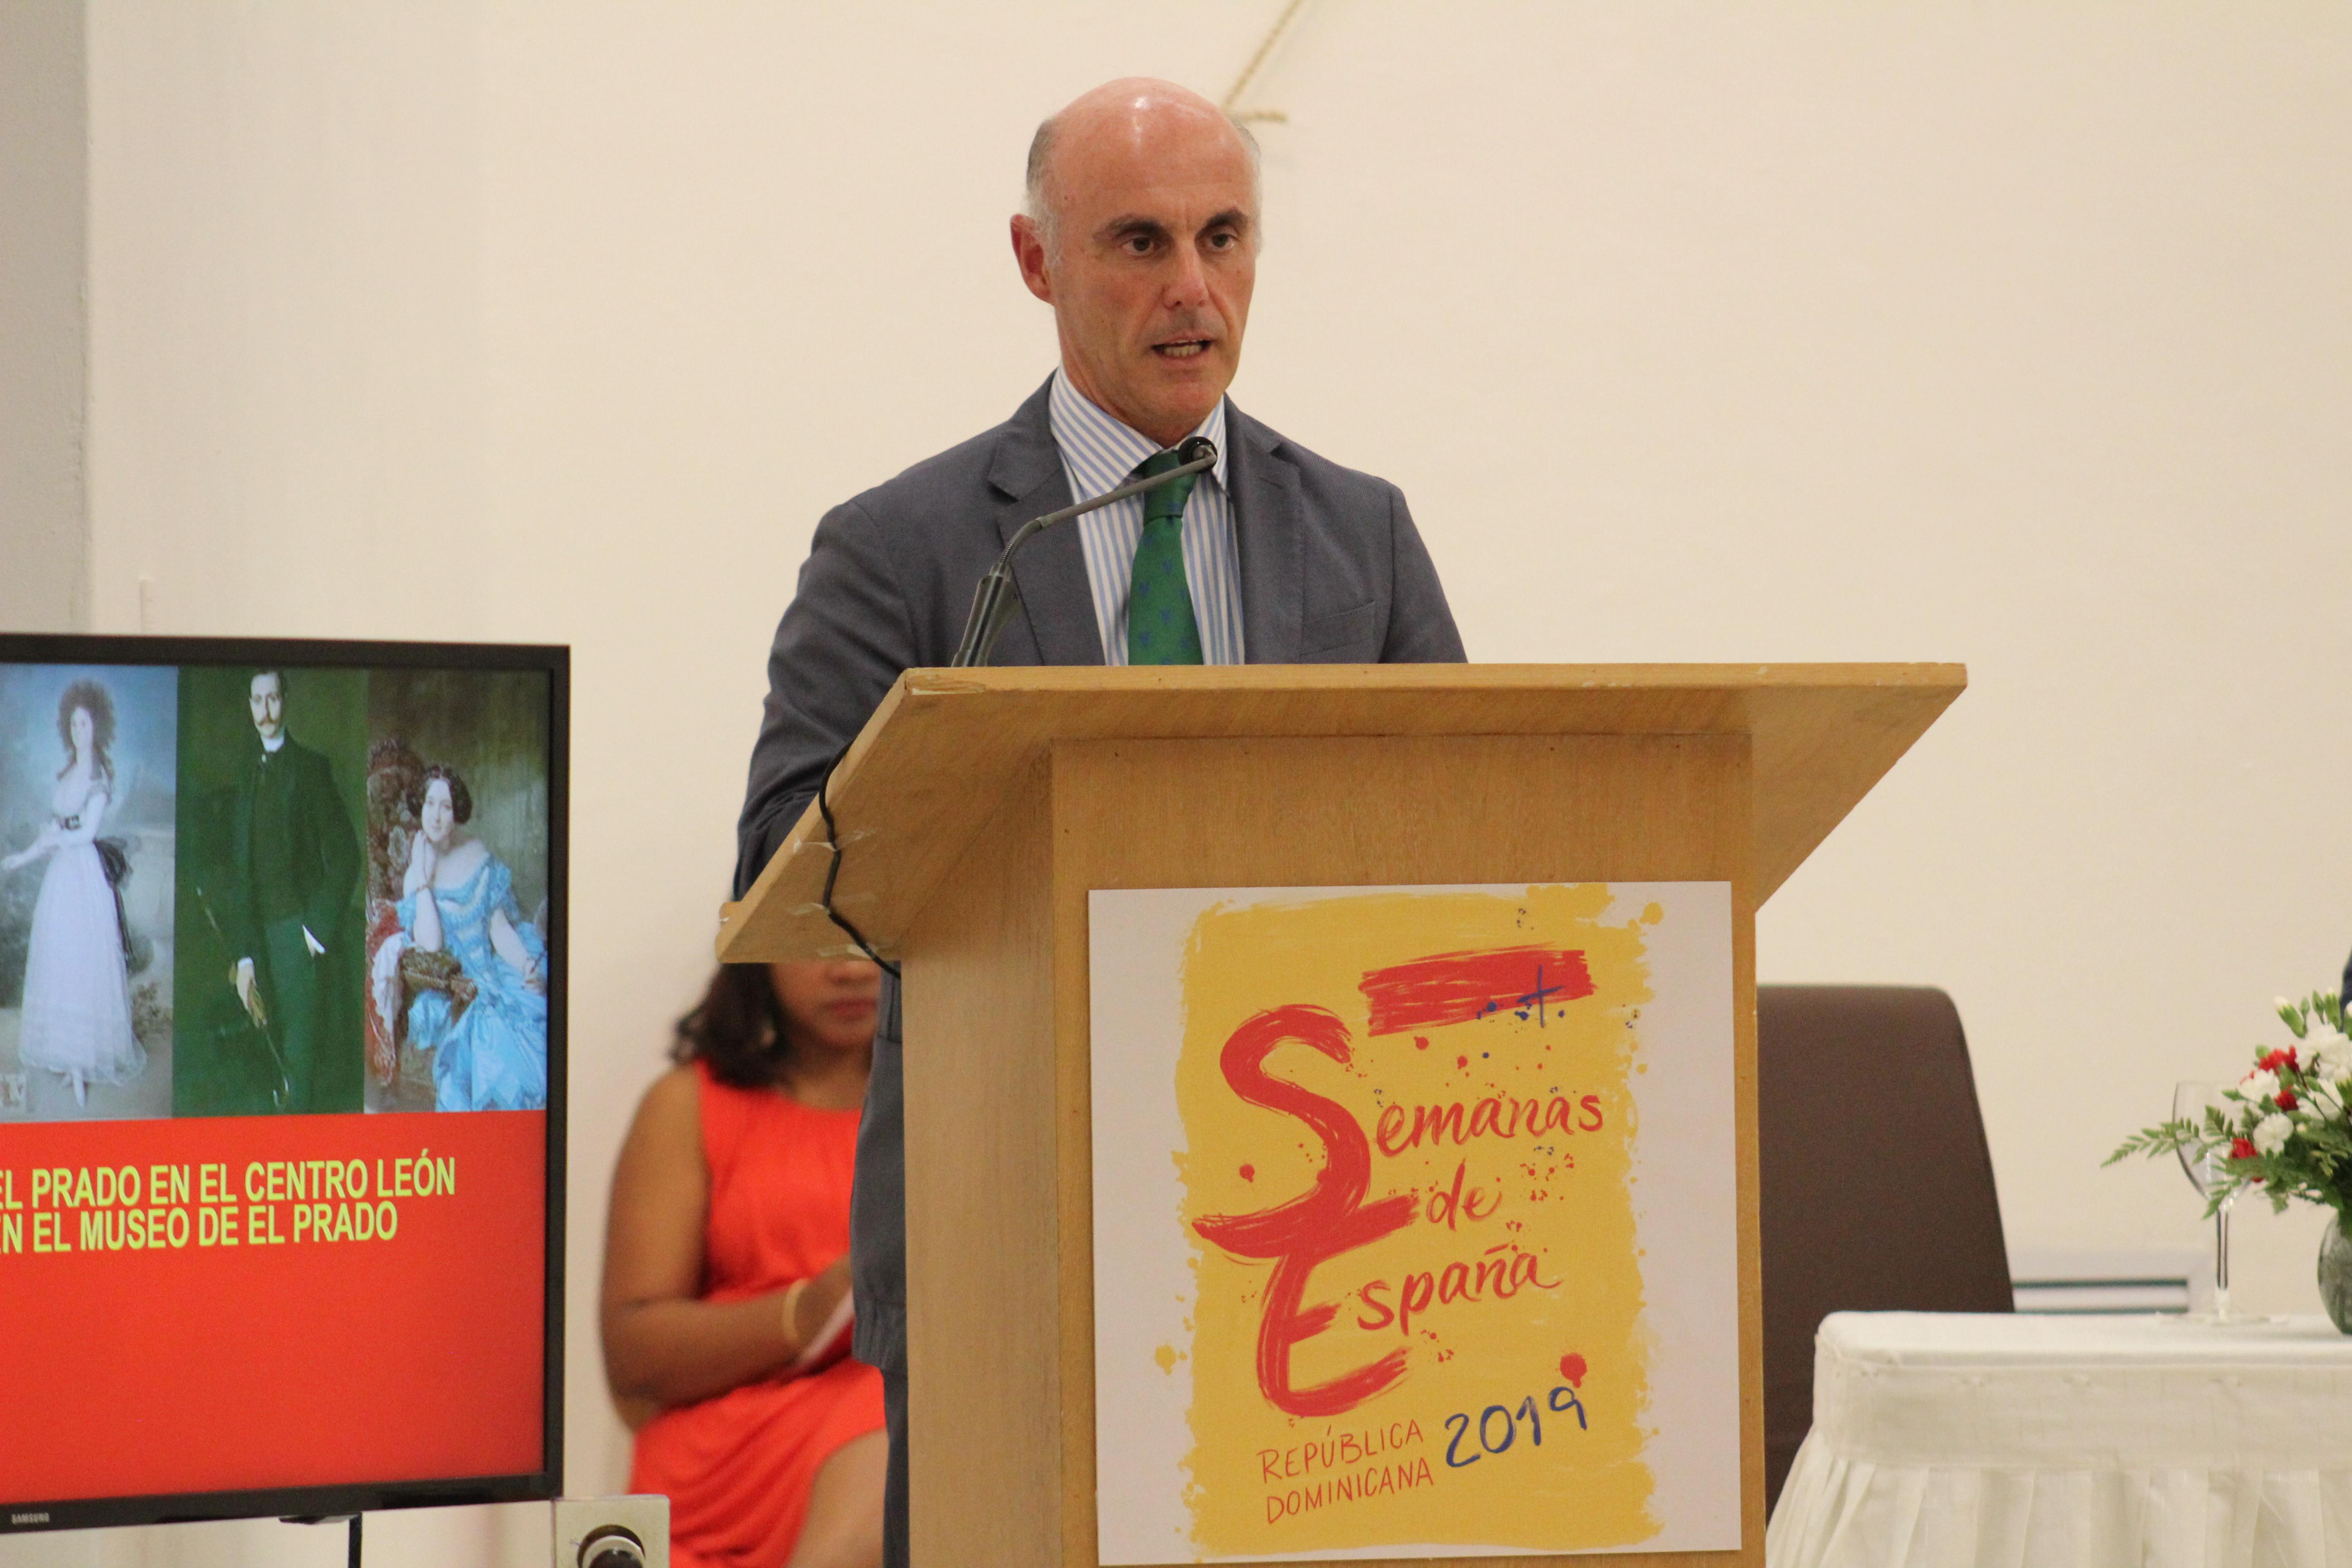 Semanas de España ofrecerá un variado programa cultural